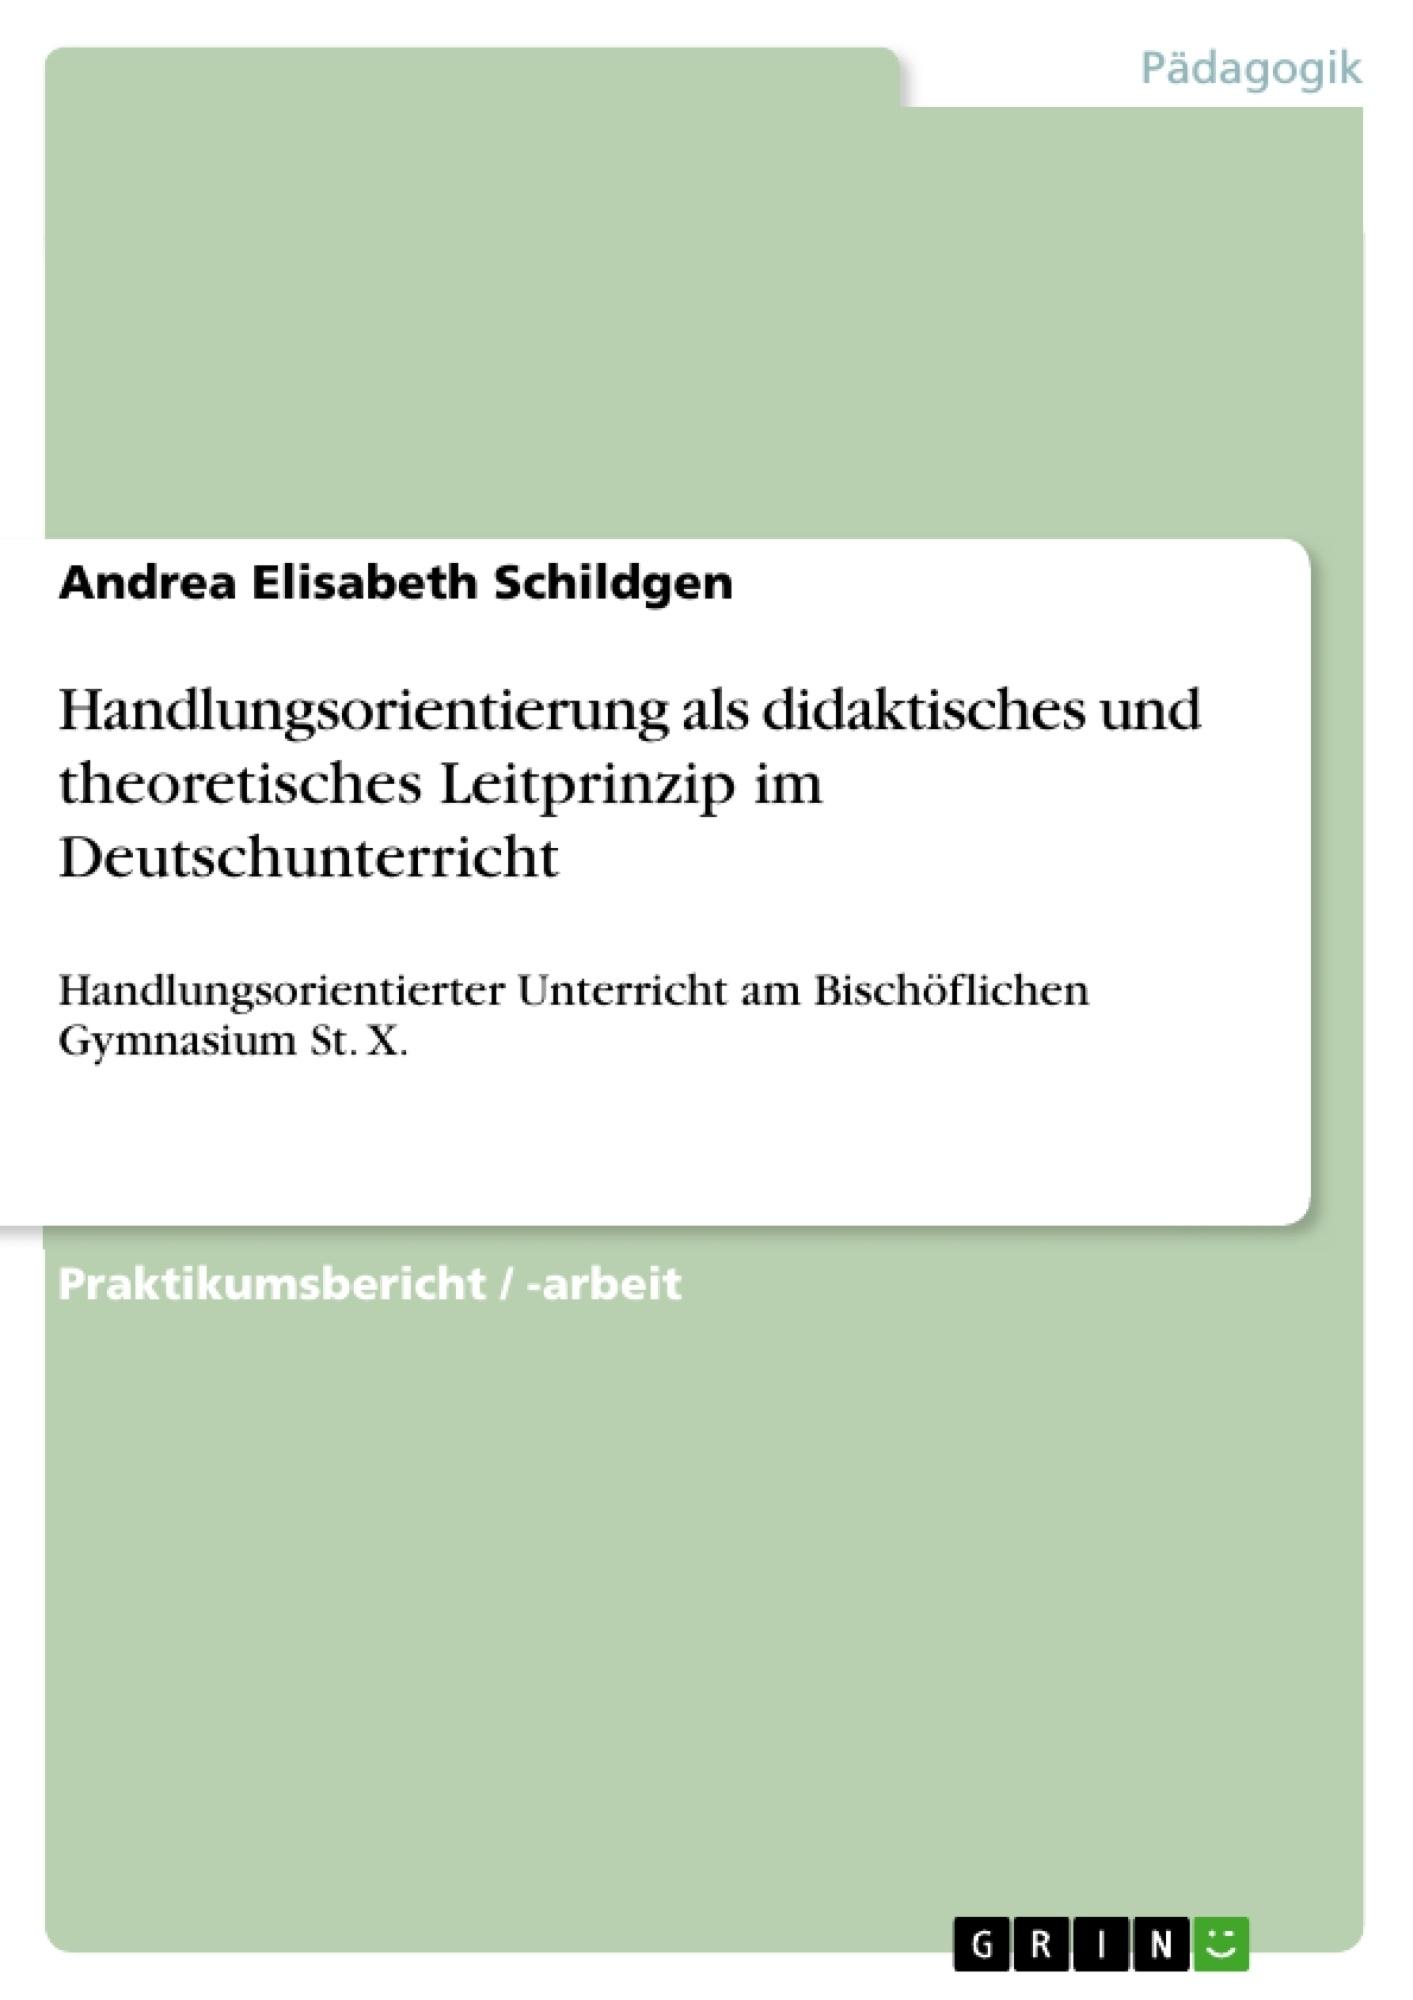 Titel: Handlungsorientierung als didaktisches und theoretisches Leitprinzip im Deutschunterricht